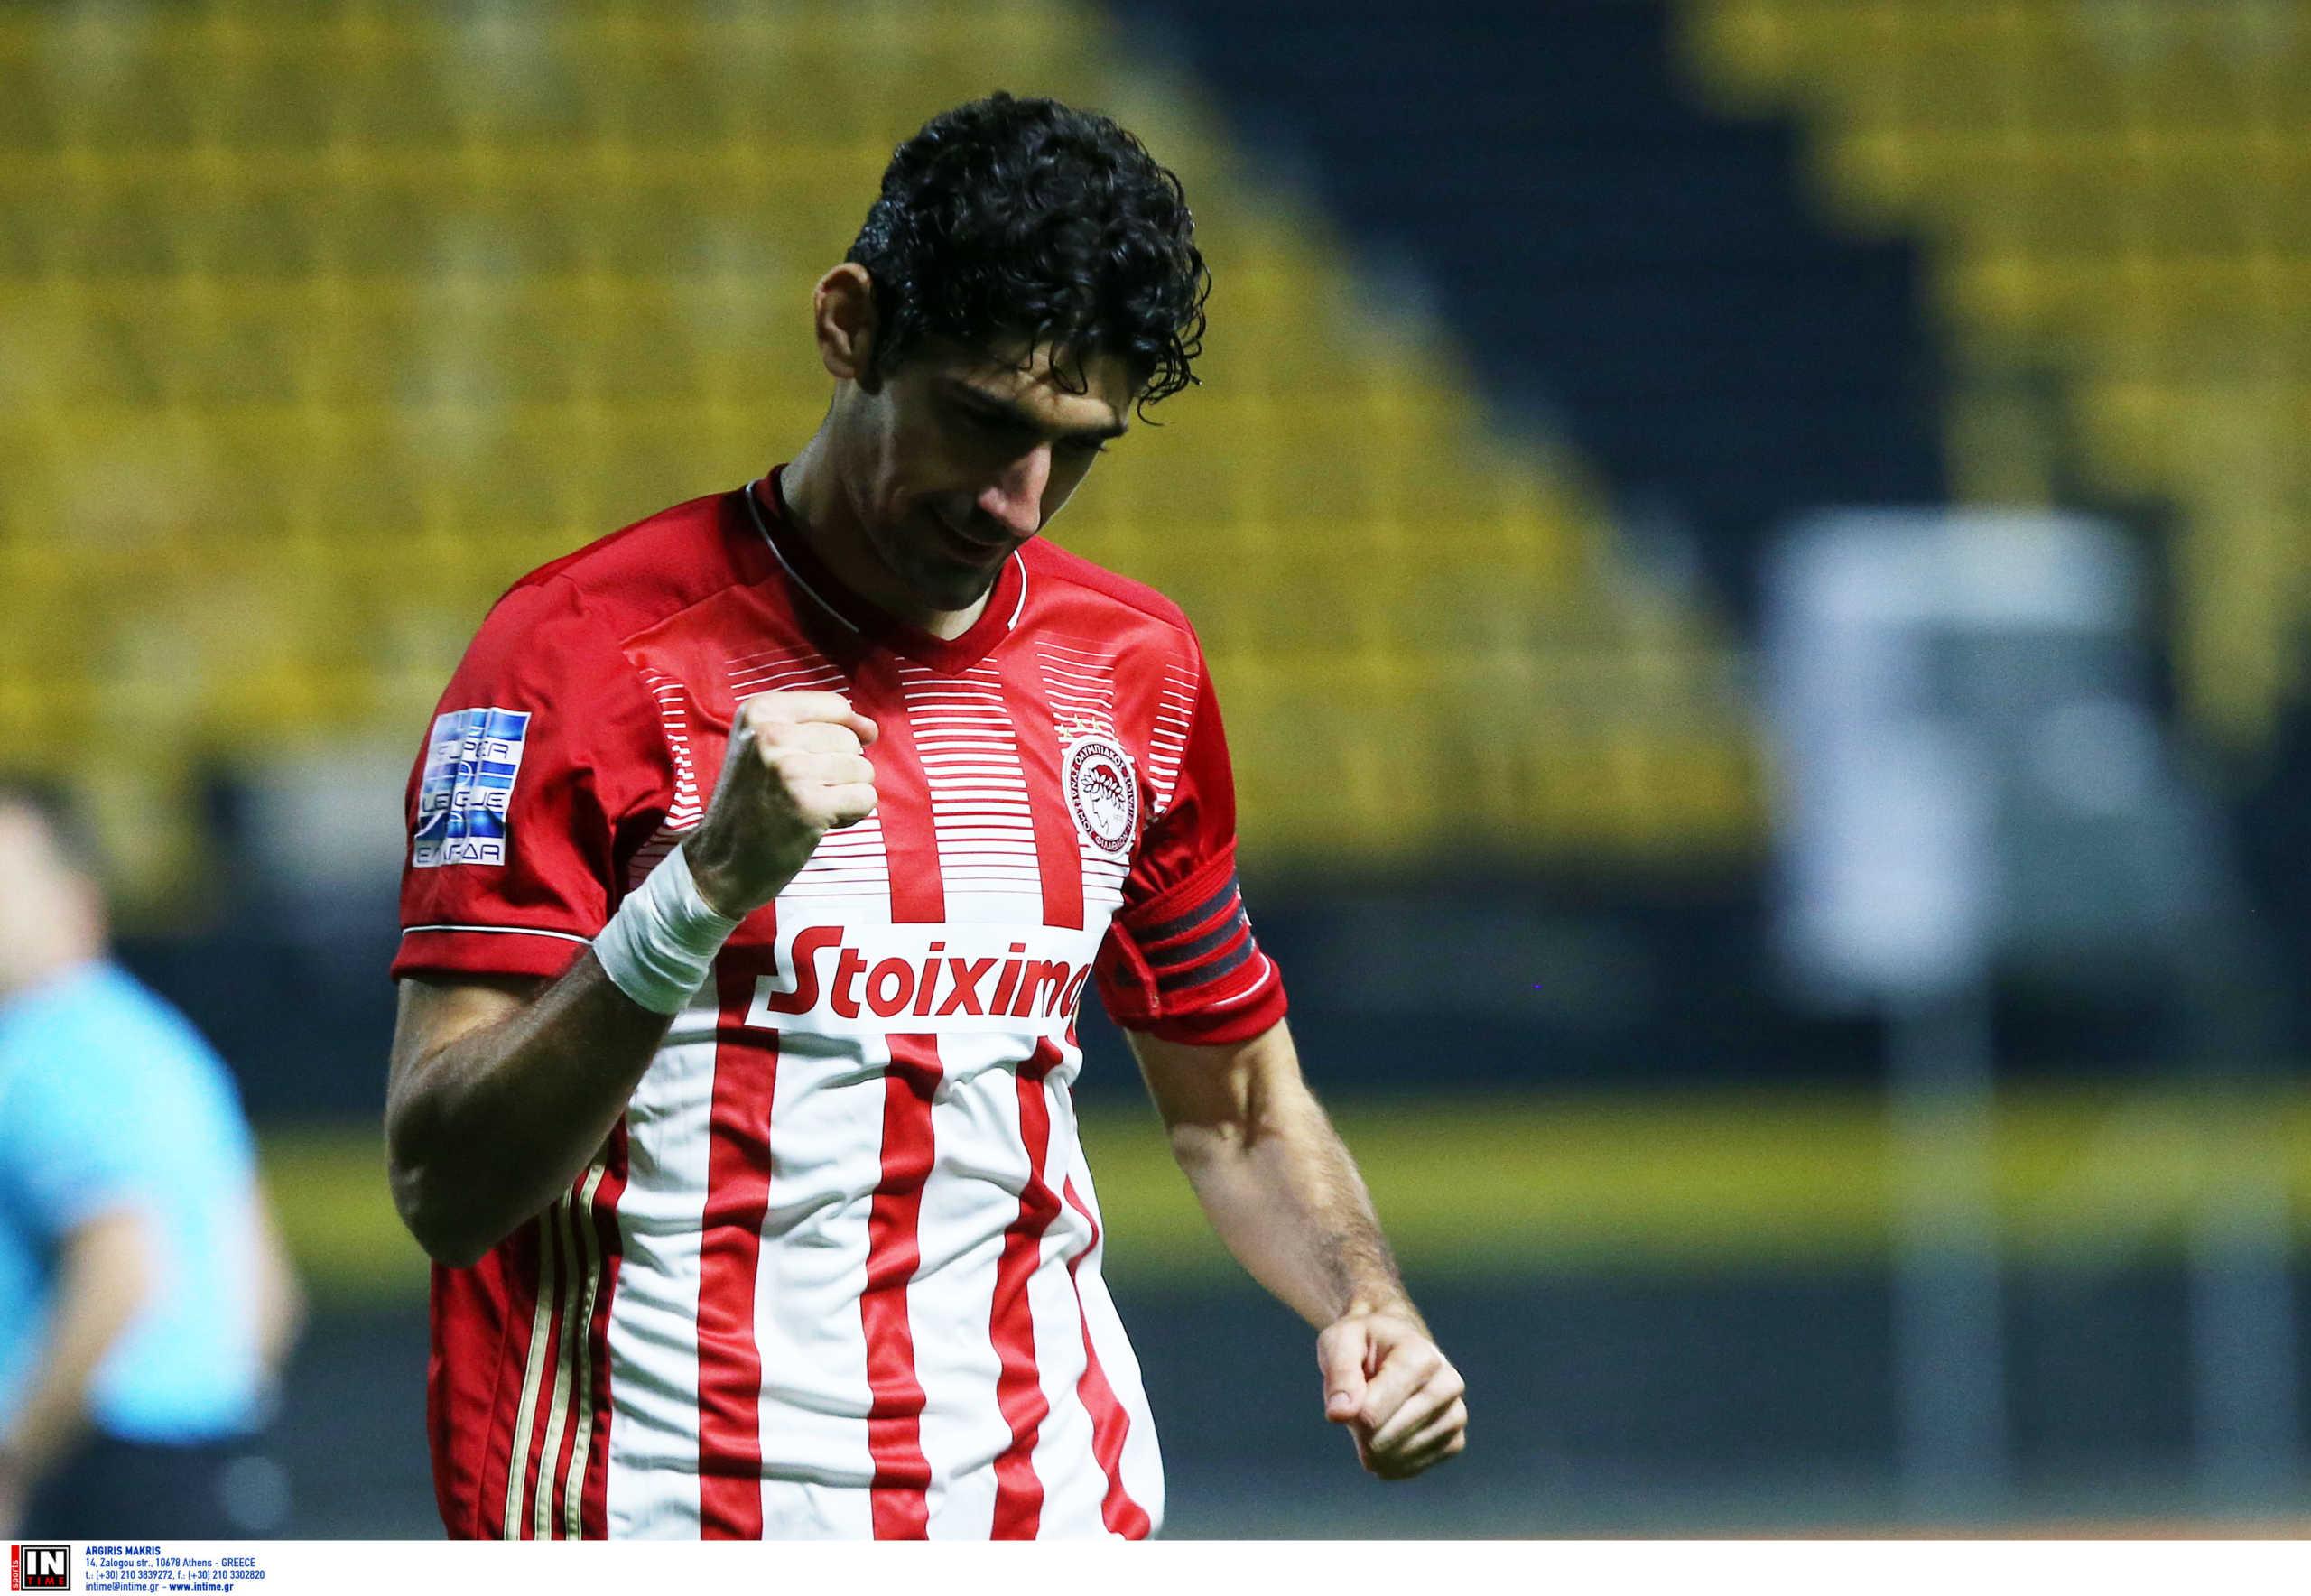 Μπουχαλάκης για το γκολ της πρόκρισης: «Ήμουν απογοητευμένος όταν μου ήρθε η έμπνευση»